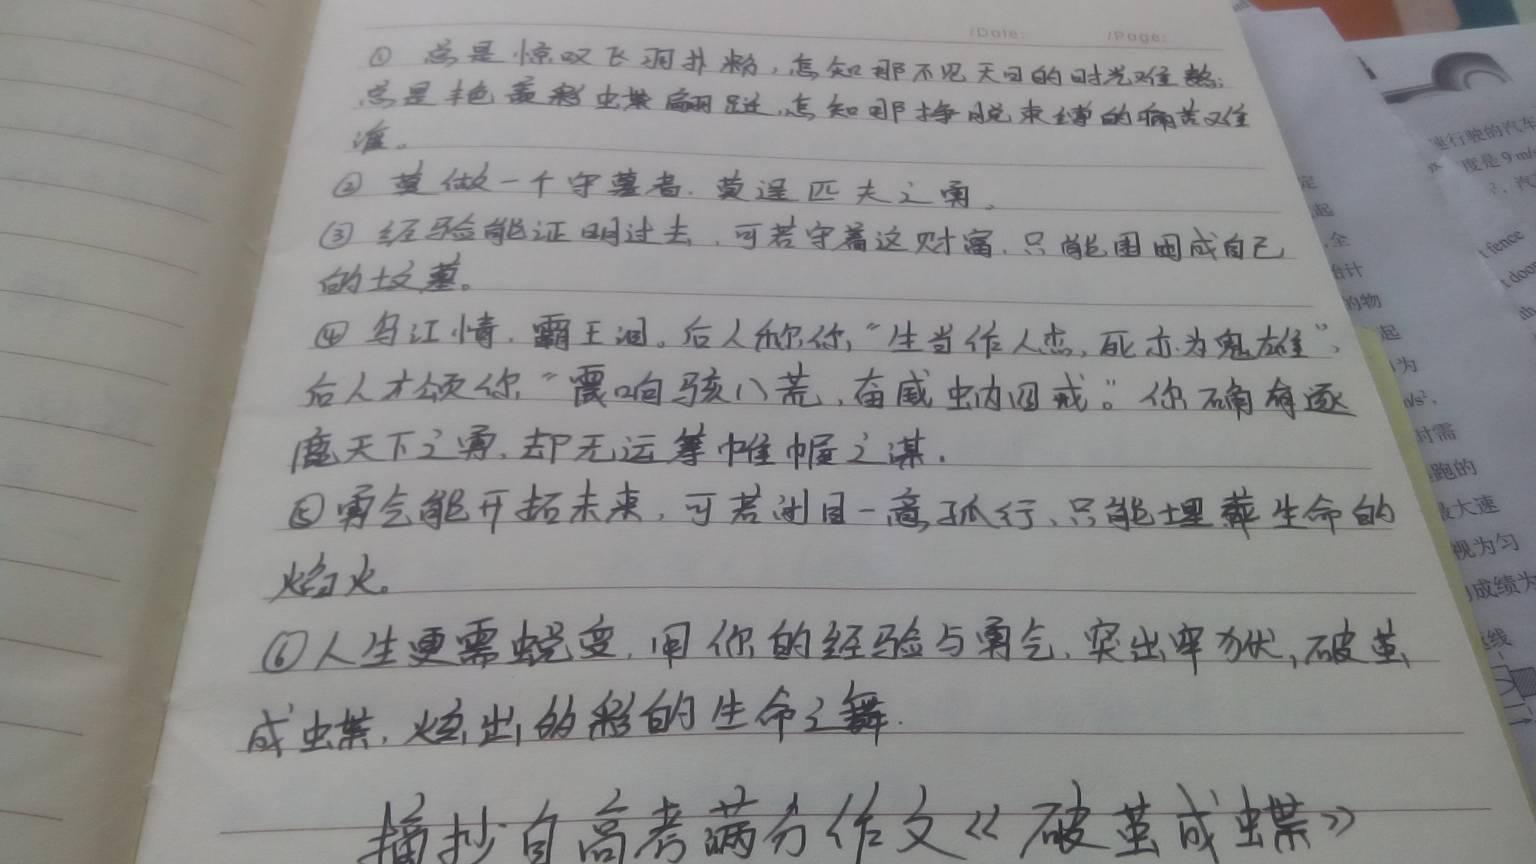 高中语文句子摘抄_语文摘抄、语文摘抄高中_淘宝助理